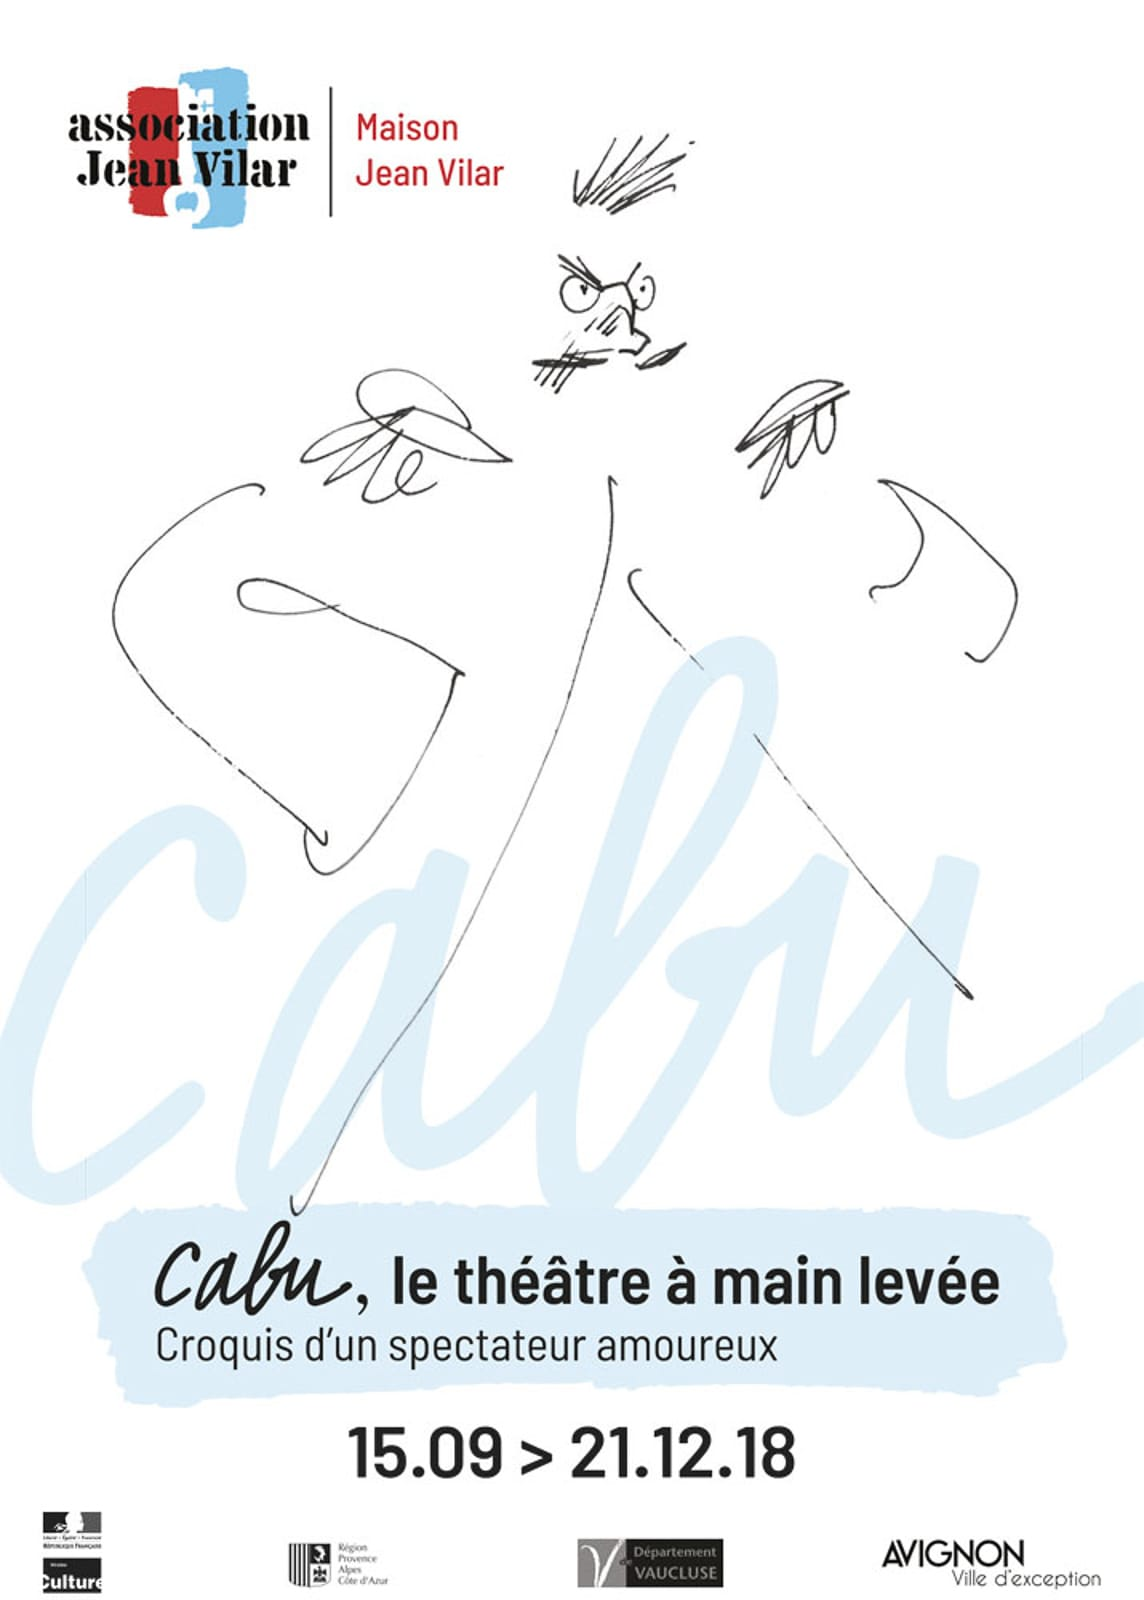 exposition Cabu Maison Jean Vilar 2018